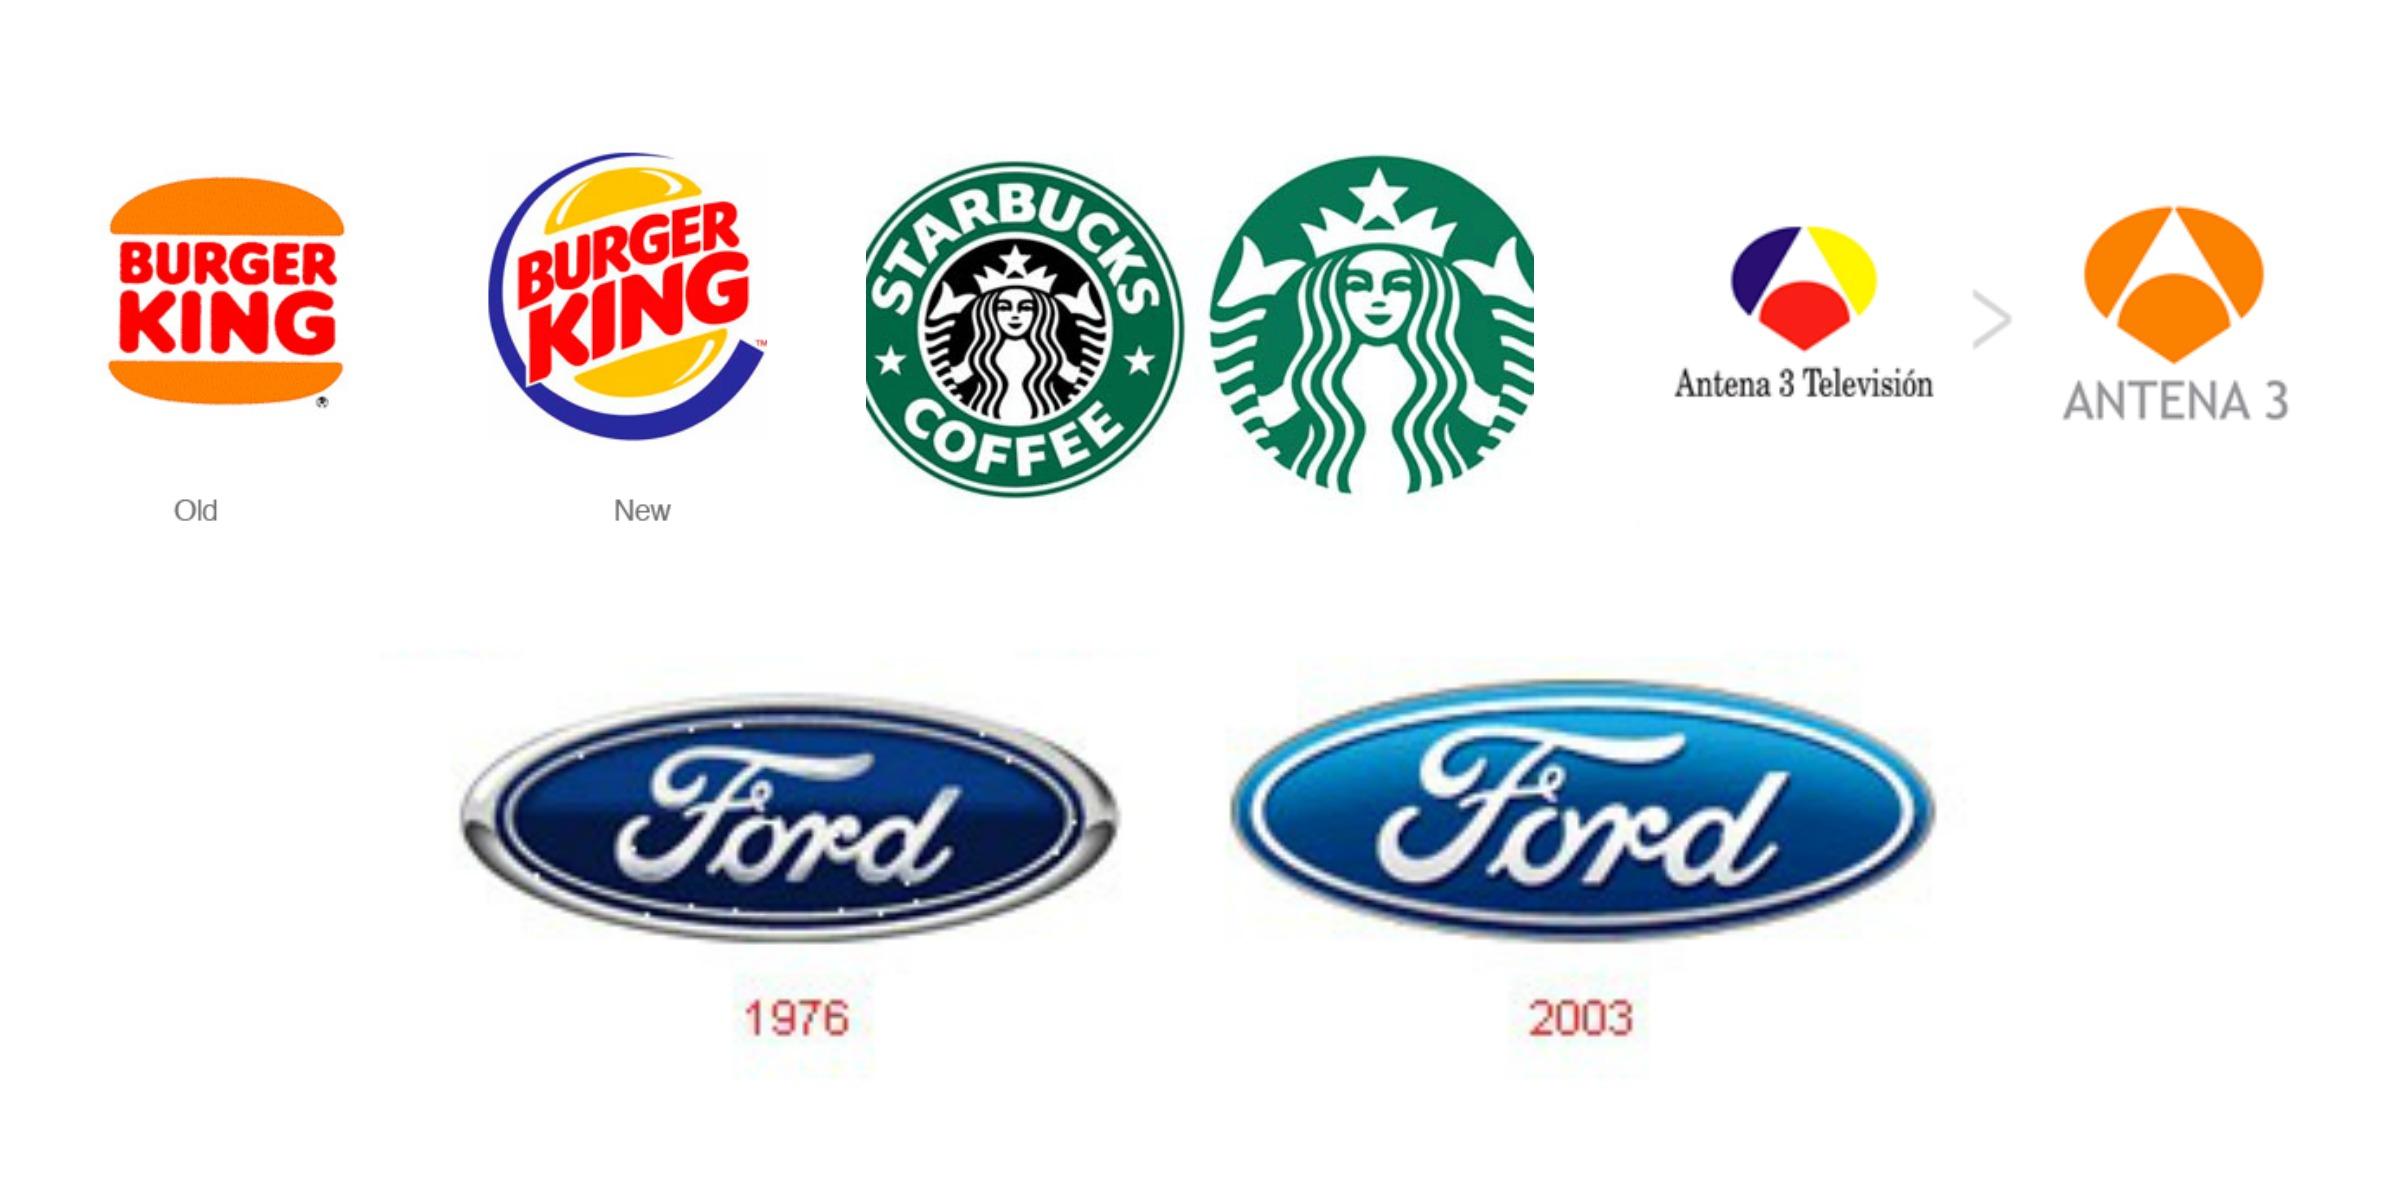 6 razones para cambiar nuestra imagen de empresa al cambiar de año